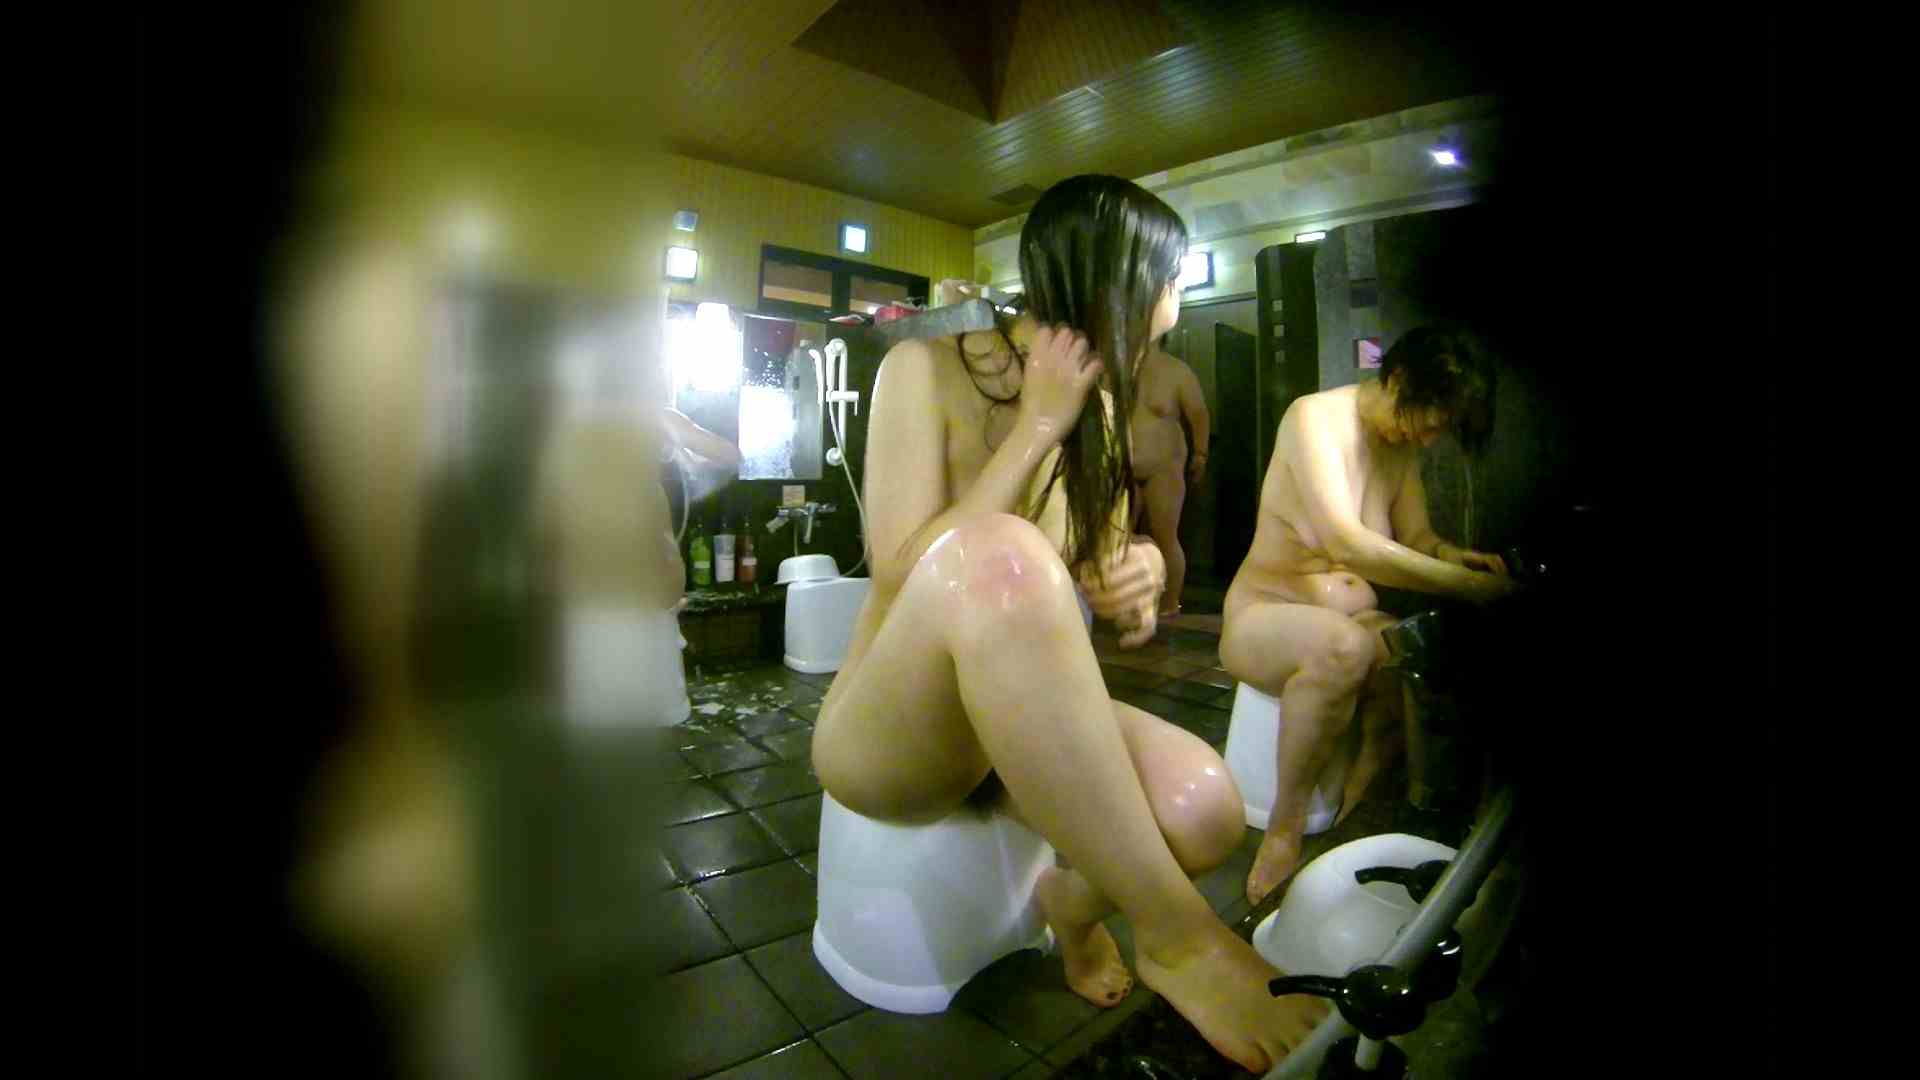 洗い場!右足の位置がいいですね。陰毛もっさり! 銭湯  113pic 33